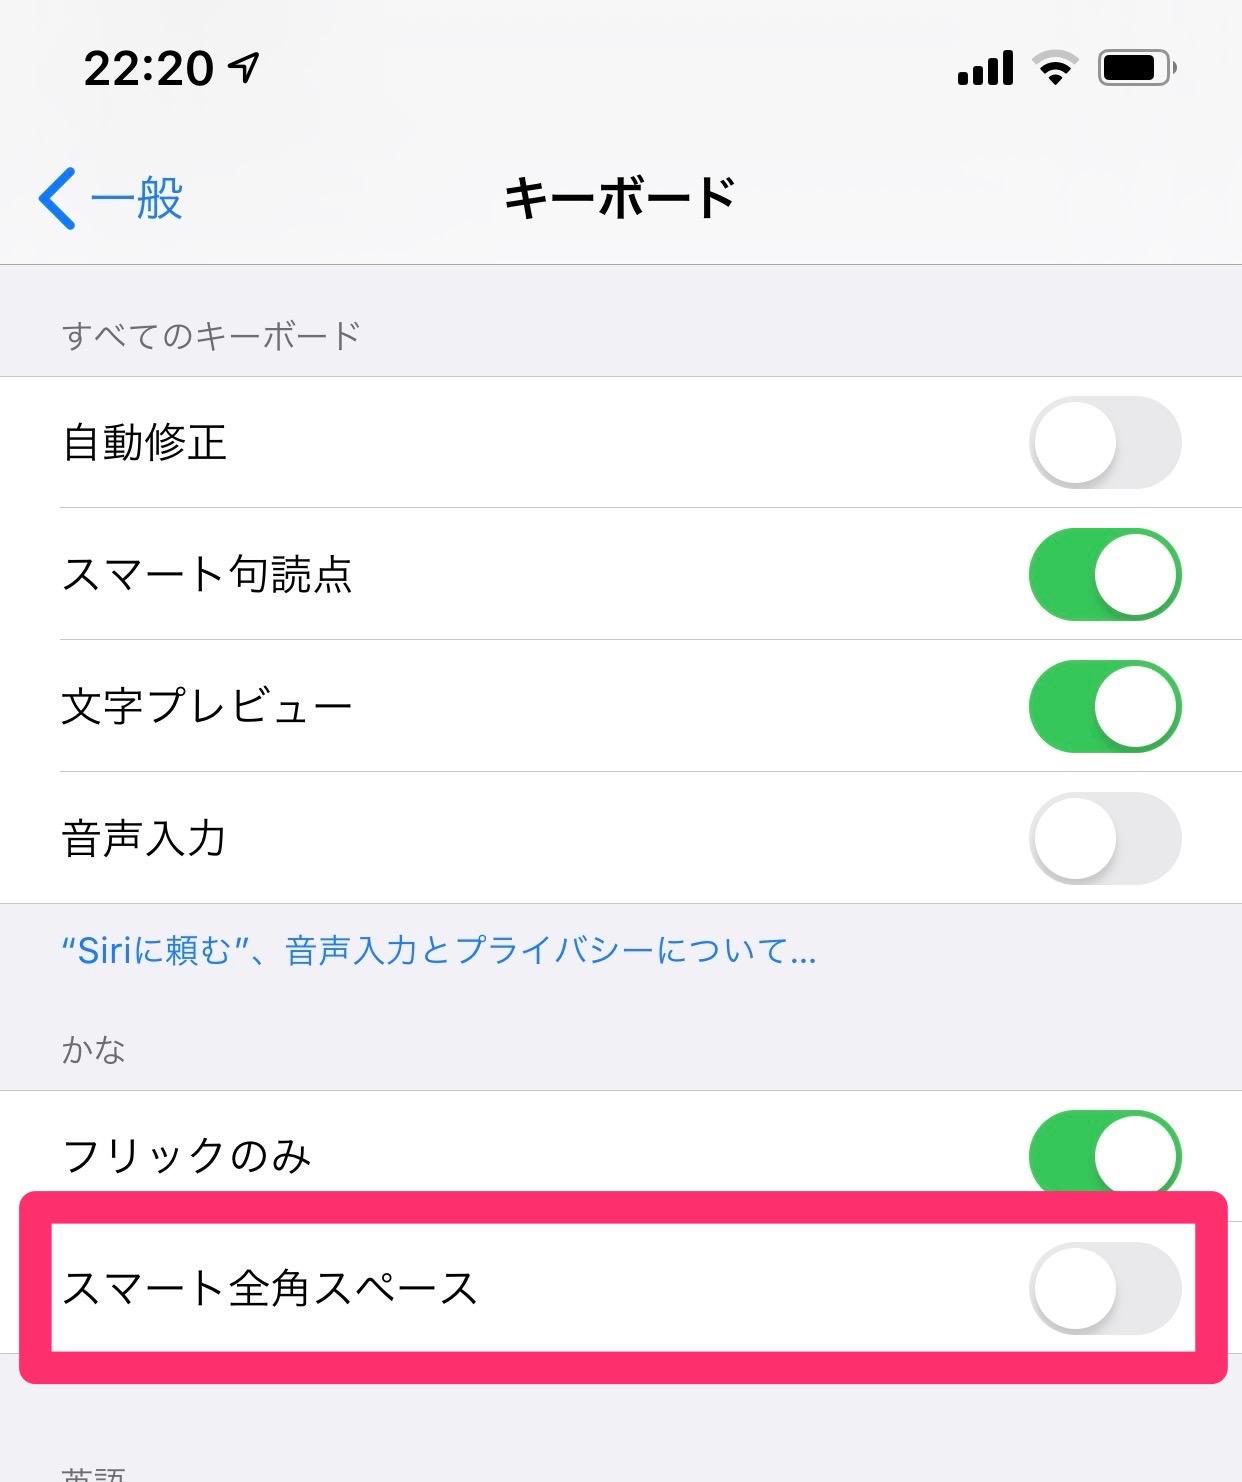 「iPhone 11/11 Pro/11 Pro Max」操作方法 2